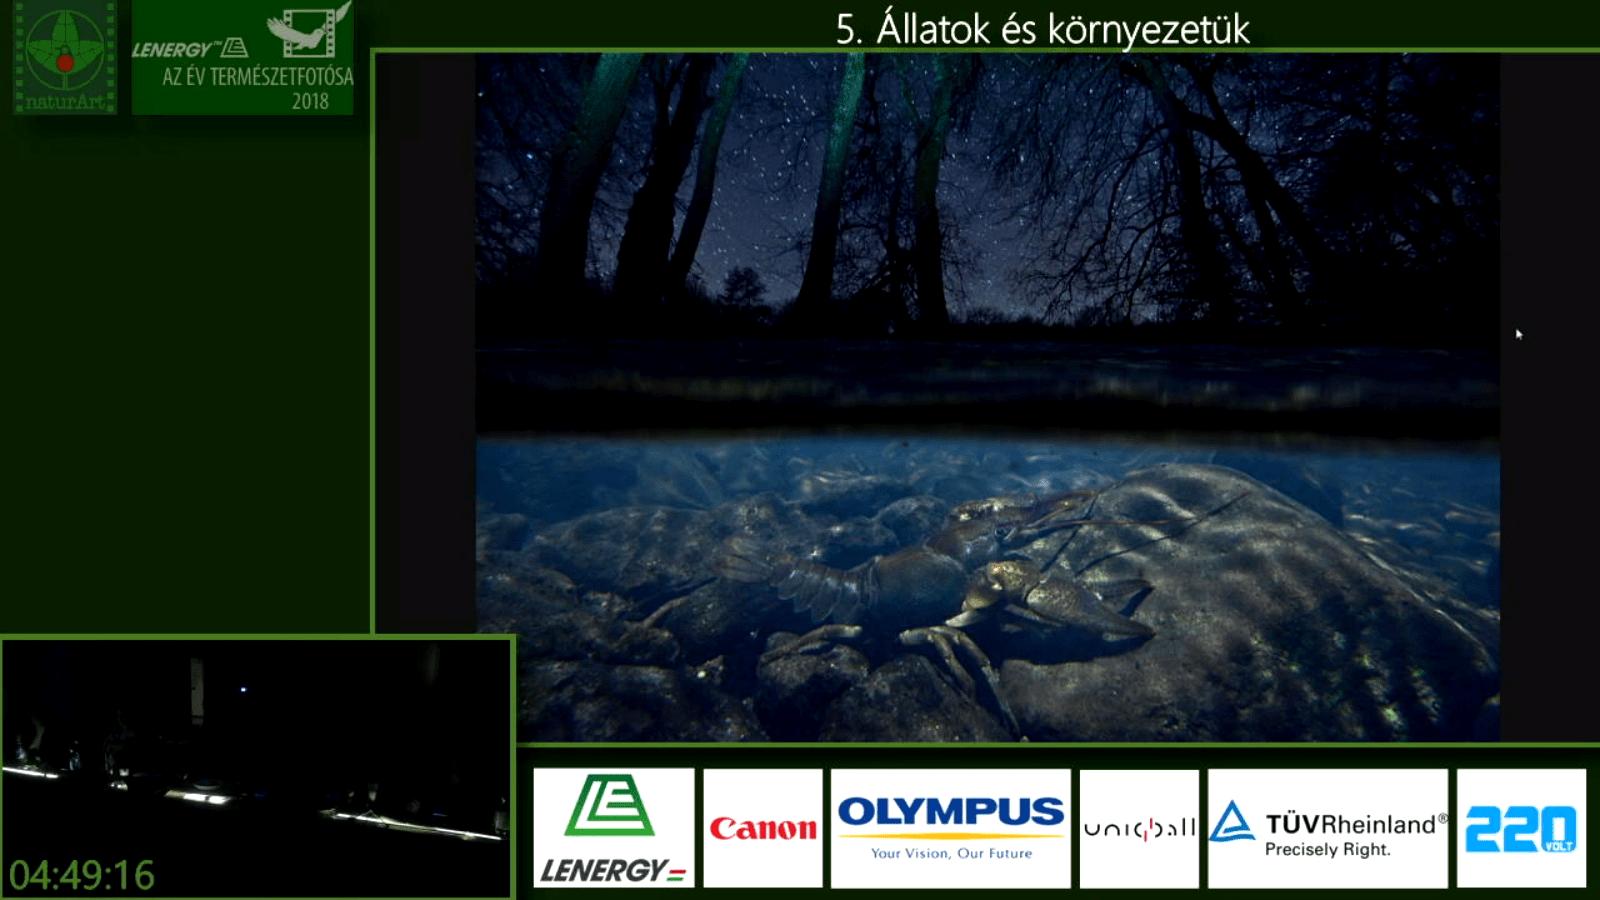 Az Év Természetfotósa 2019 zsűrizés döntője, végső fordulójának felvétele